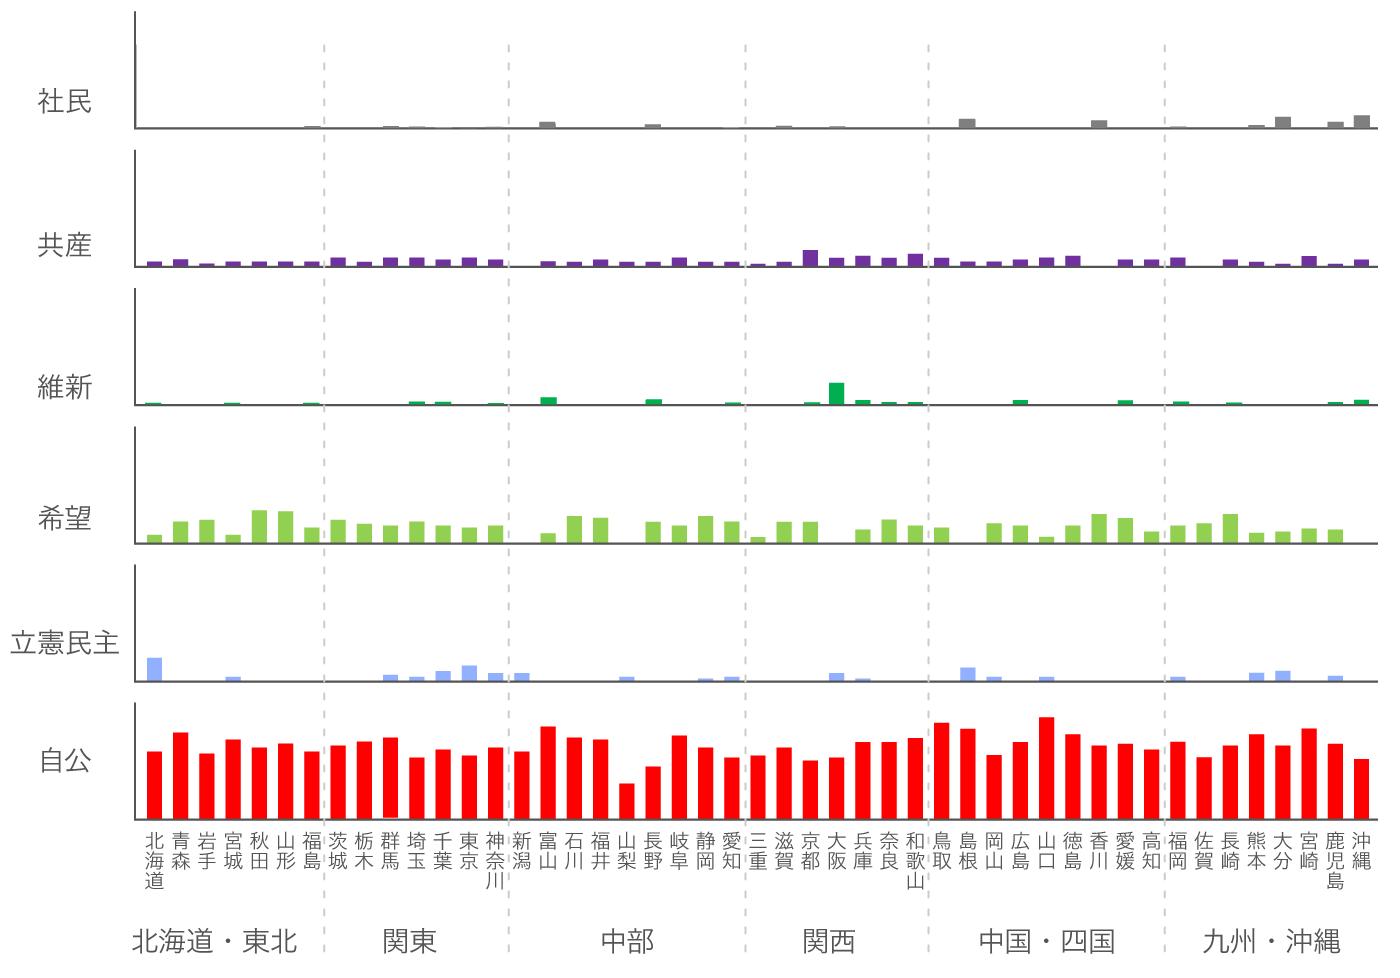 都道府県別に見た小選挙区の政党別得票率チャート。自民党優先ではあるが希望の党など野党も存在感を示している